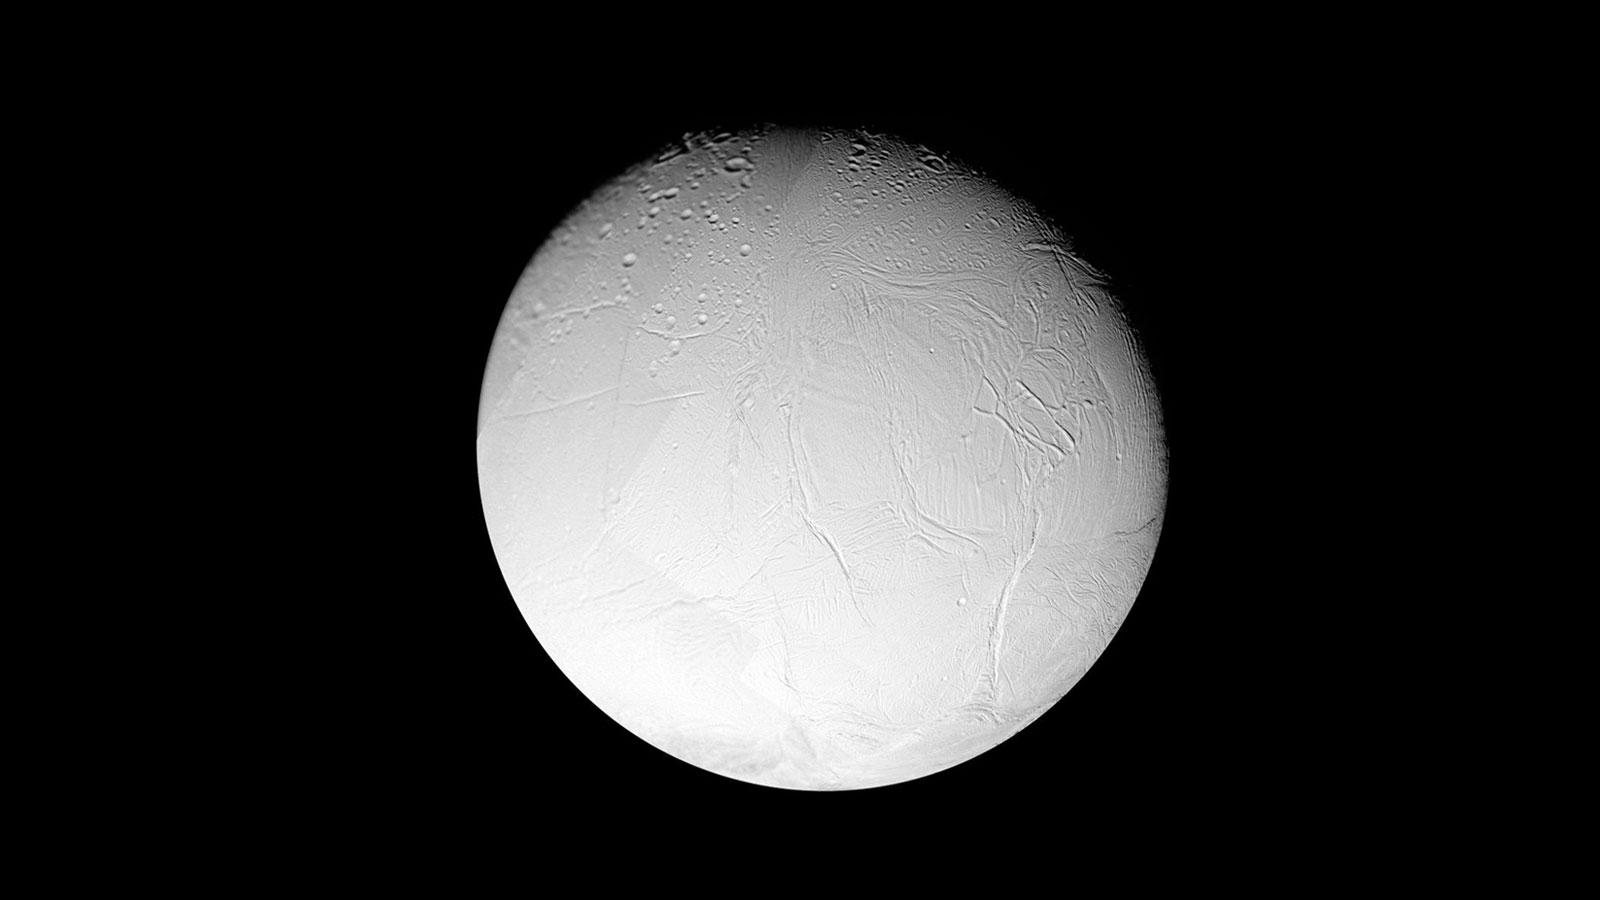 Enceladus Facts